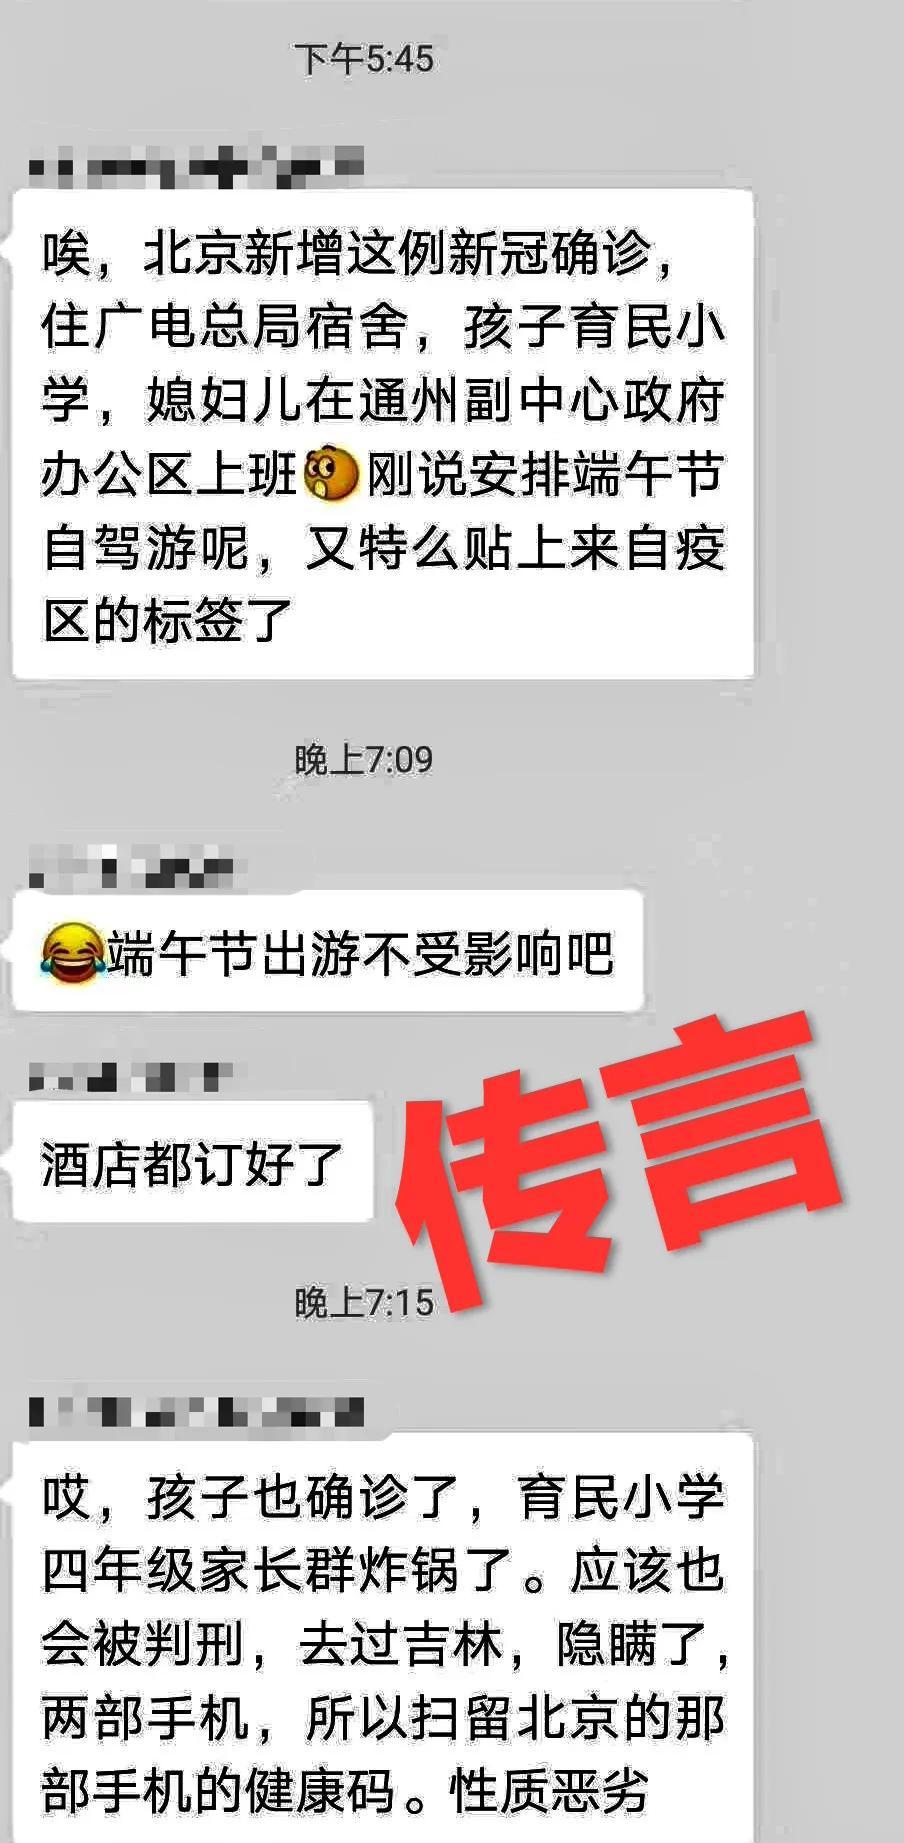 [摩天测速]西城摩天测速区长孙硕昨天发了一条朋友圈图片